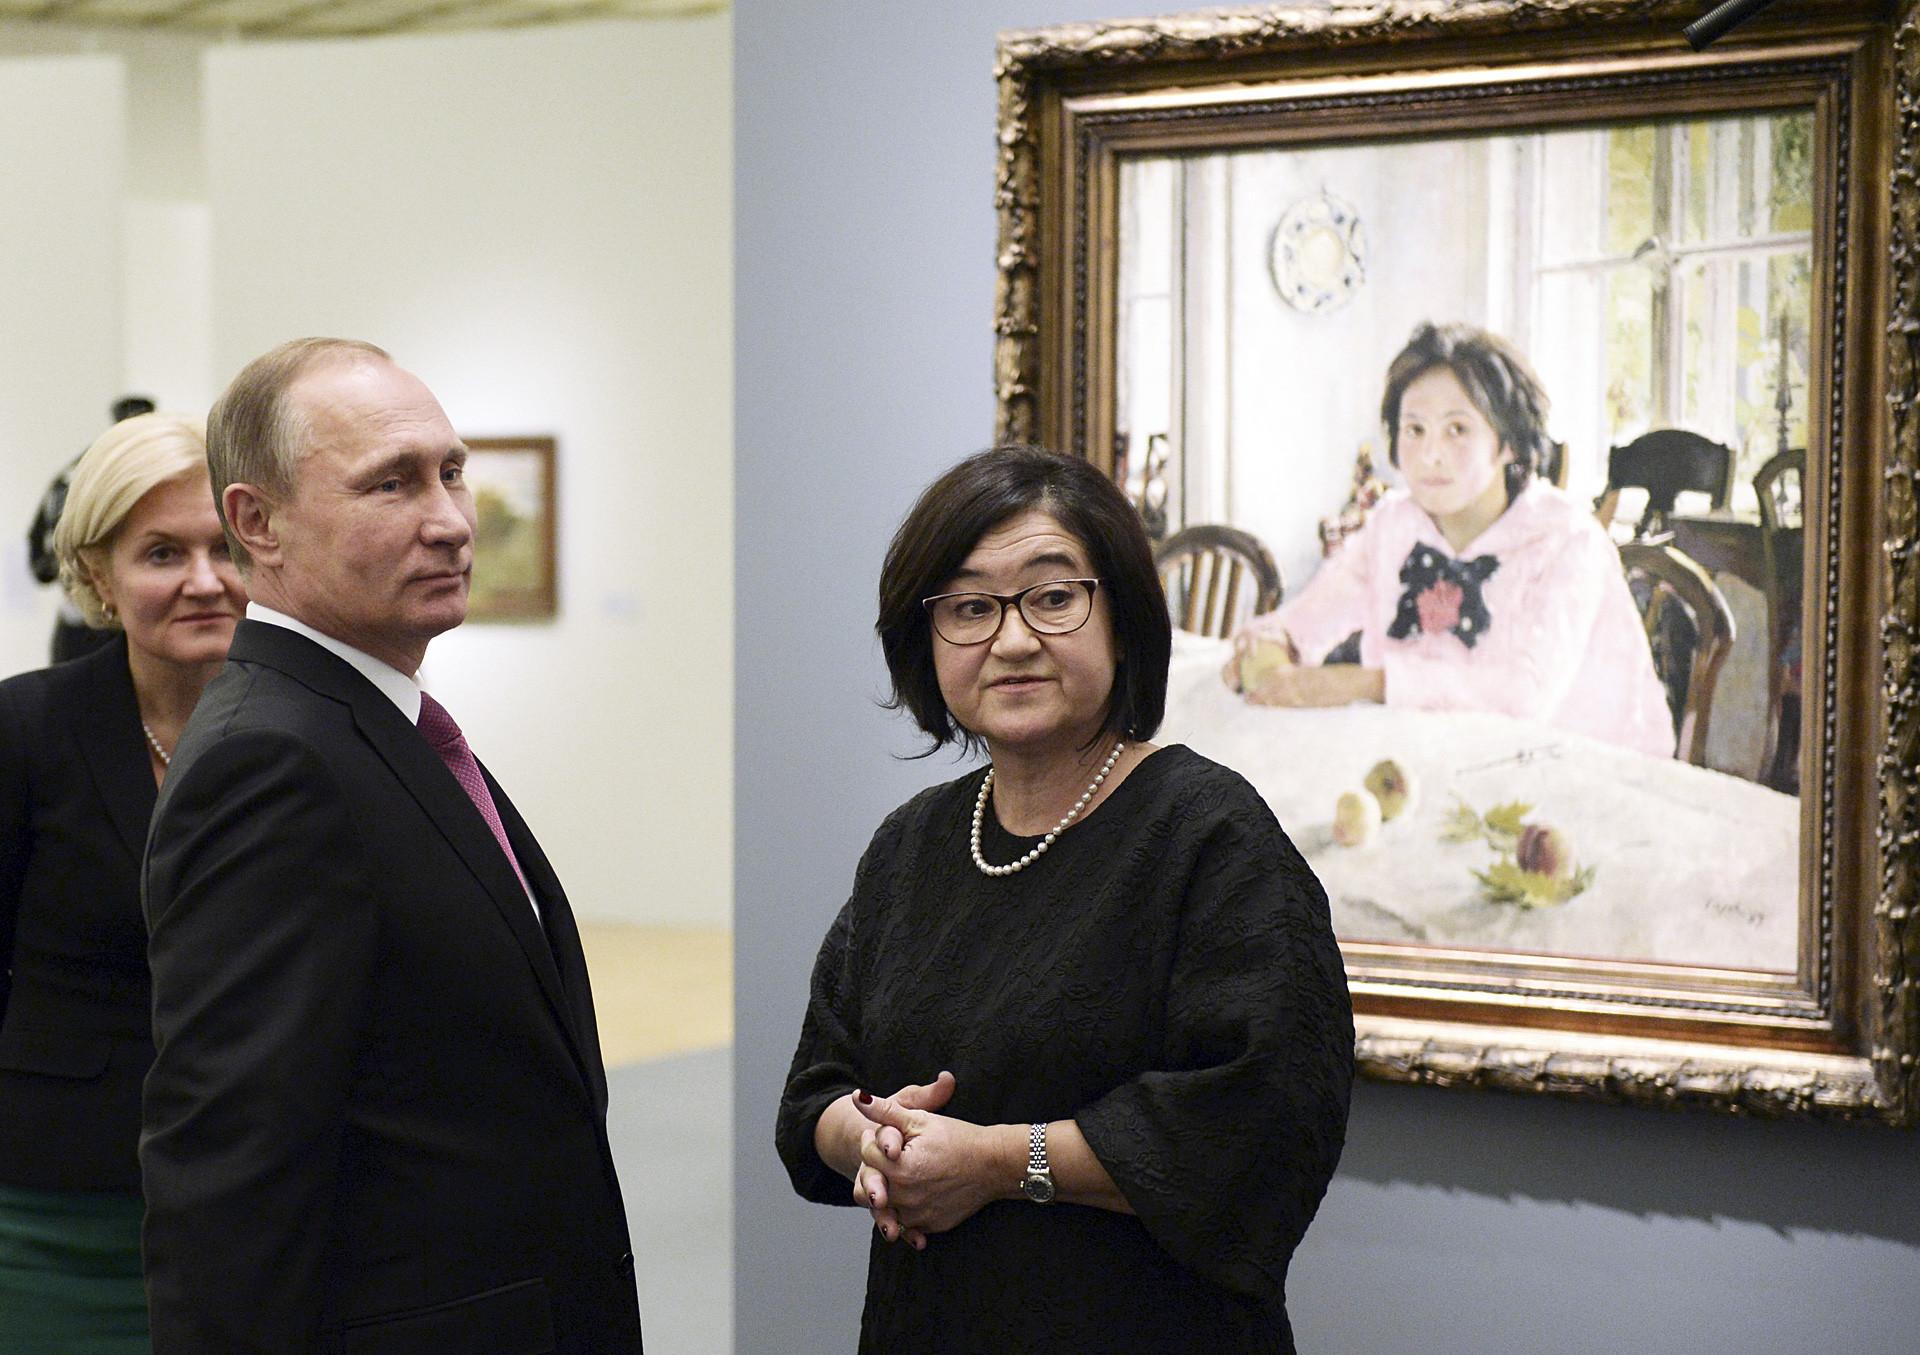 Vladimir Putin mendengarkan Direktur Galeri Nasional Tretyakov Zelfira Tregulova saat ia mengunjungi pameran seniman Valentin Serov.